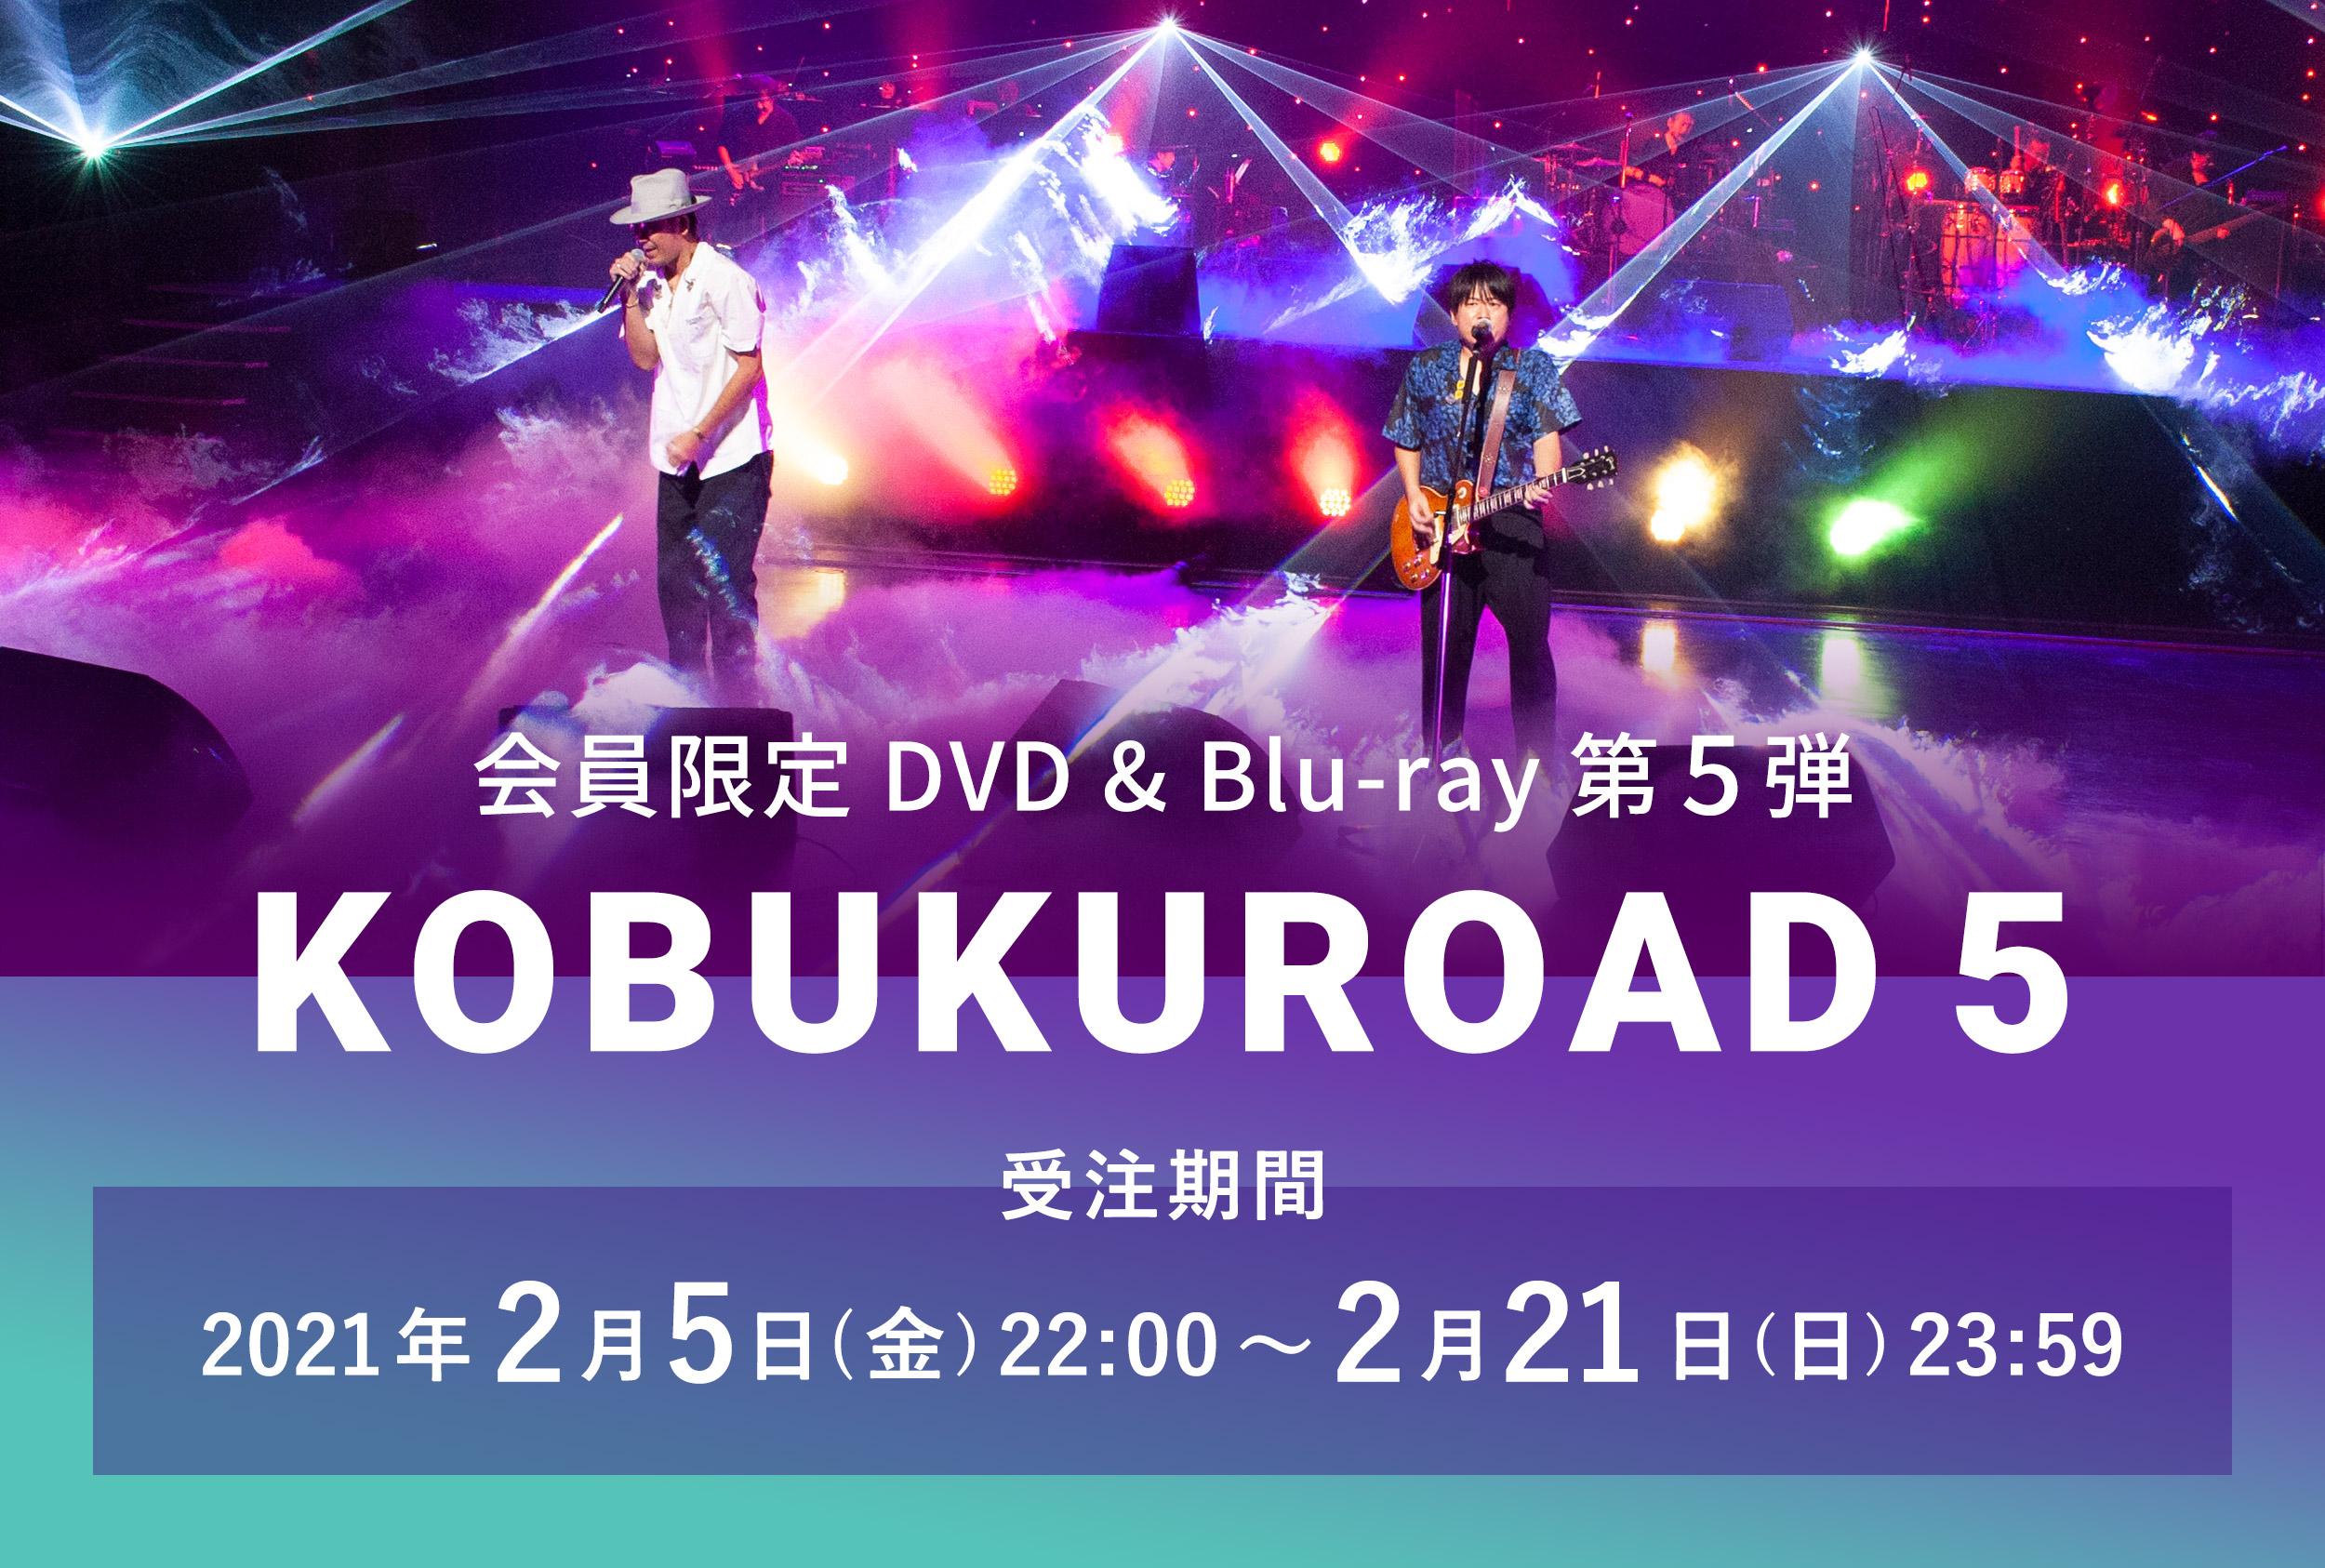 会員限定DVD&Blu-ray第5弾!「KOBUKUROAD5」発売決定!!